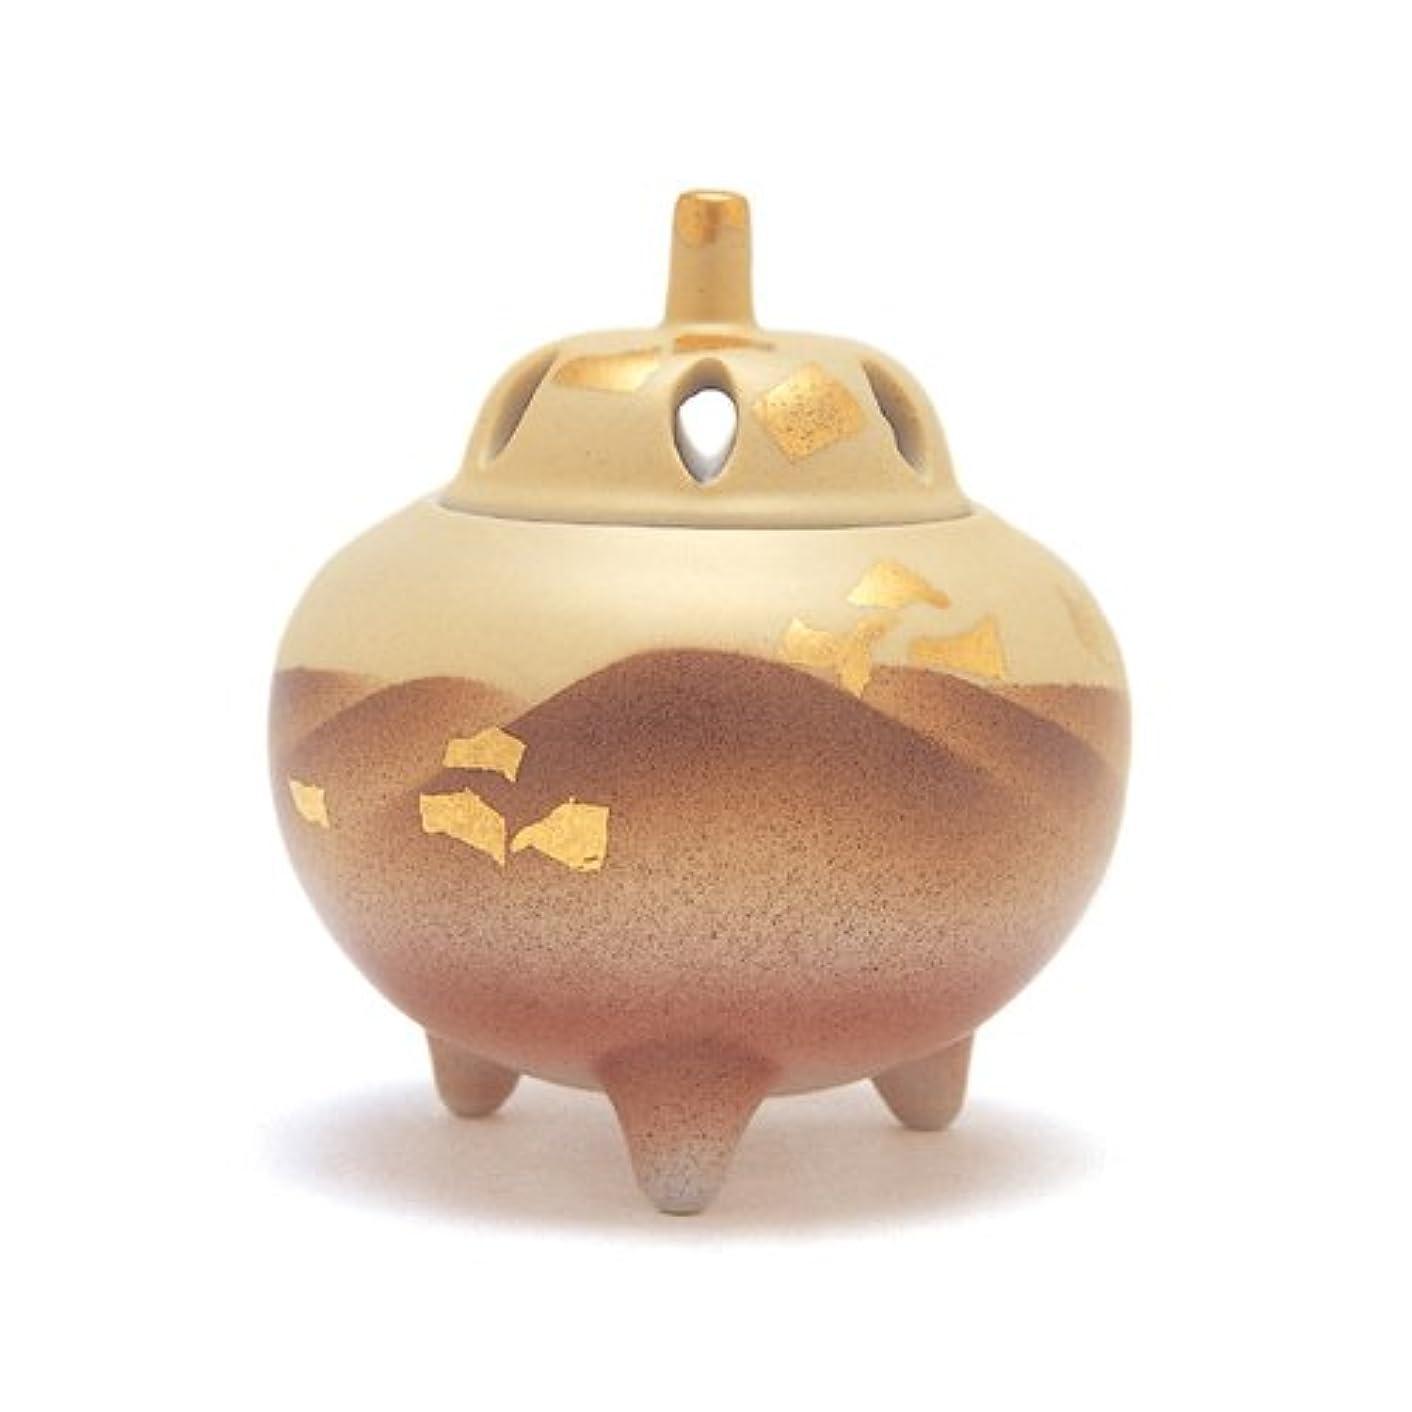 ステープルウサギ素朴な香炉 2.5号 金彩連山 花九谷 作